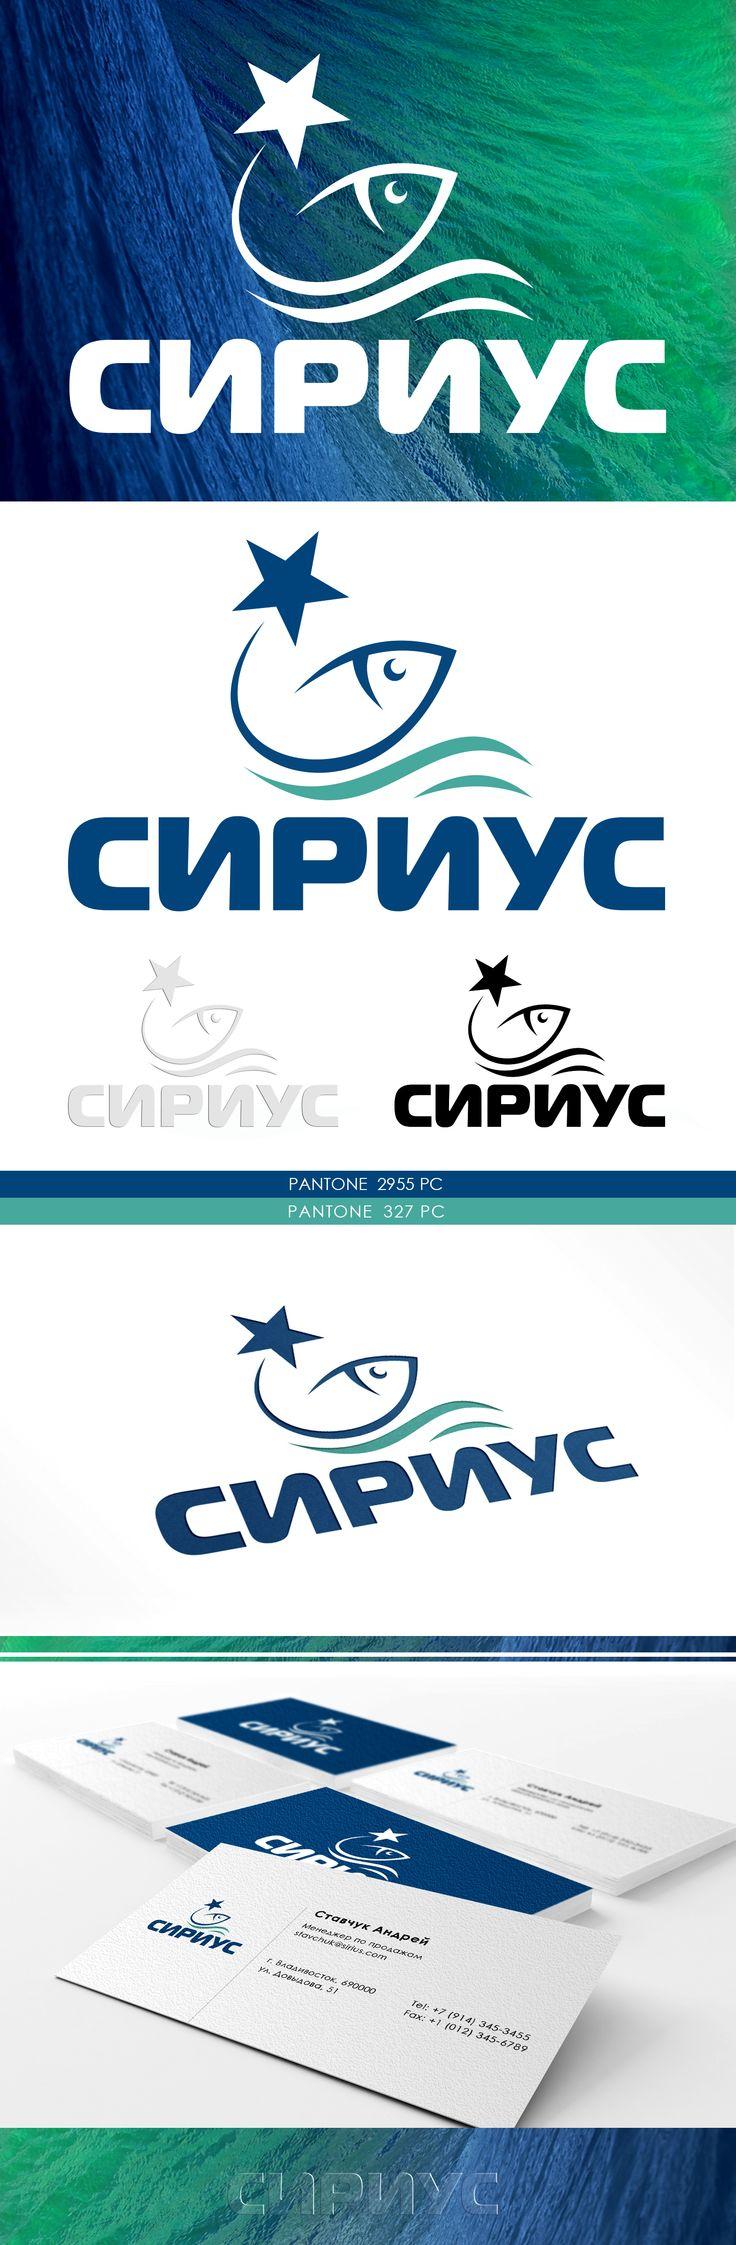 """Разработка логотипа для компании """"Сириус"""", занимающаяся поставками рыбной продукции.  Логотип сформирован посредством образов: волна, звезда, рыба. #TYU #graphicdesign #Графическийдизайн #дизайн #design #фирменныйзнак  #логотип #знак #разработкалоготипа #Сириус #Sirius #рыбнаякомпании #fish #Logofish #logo #creative #fishcompany"""